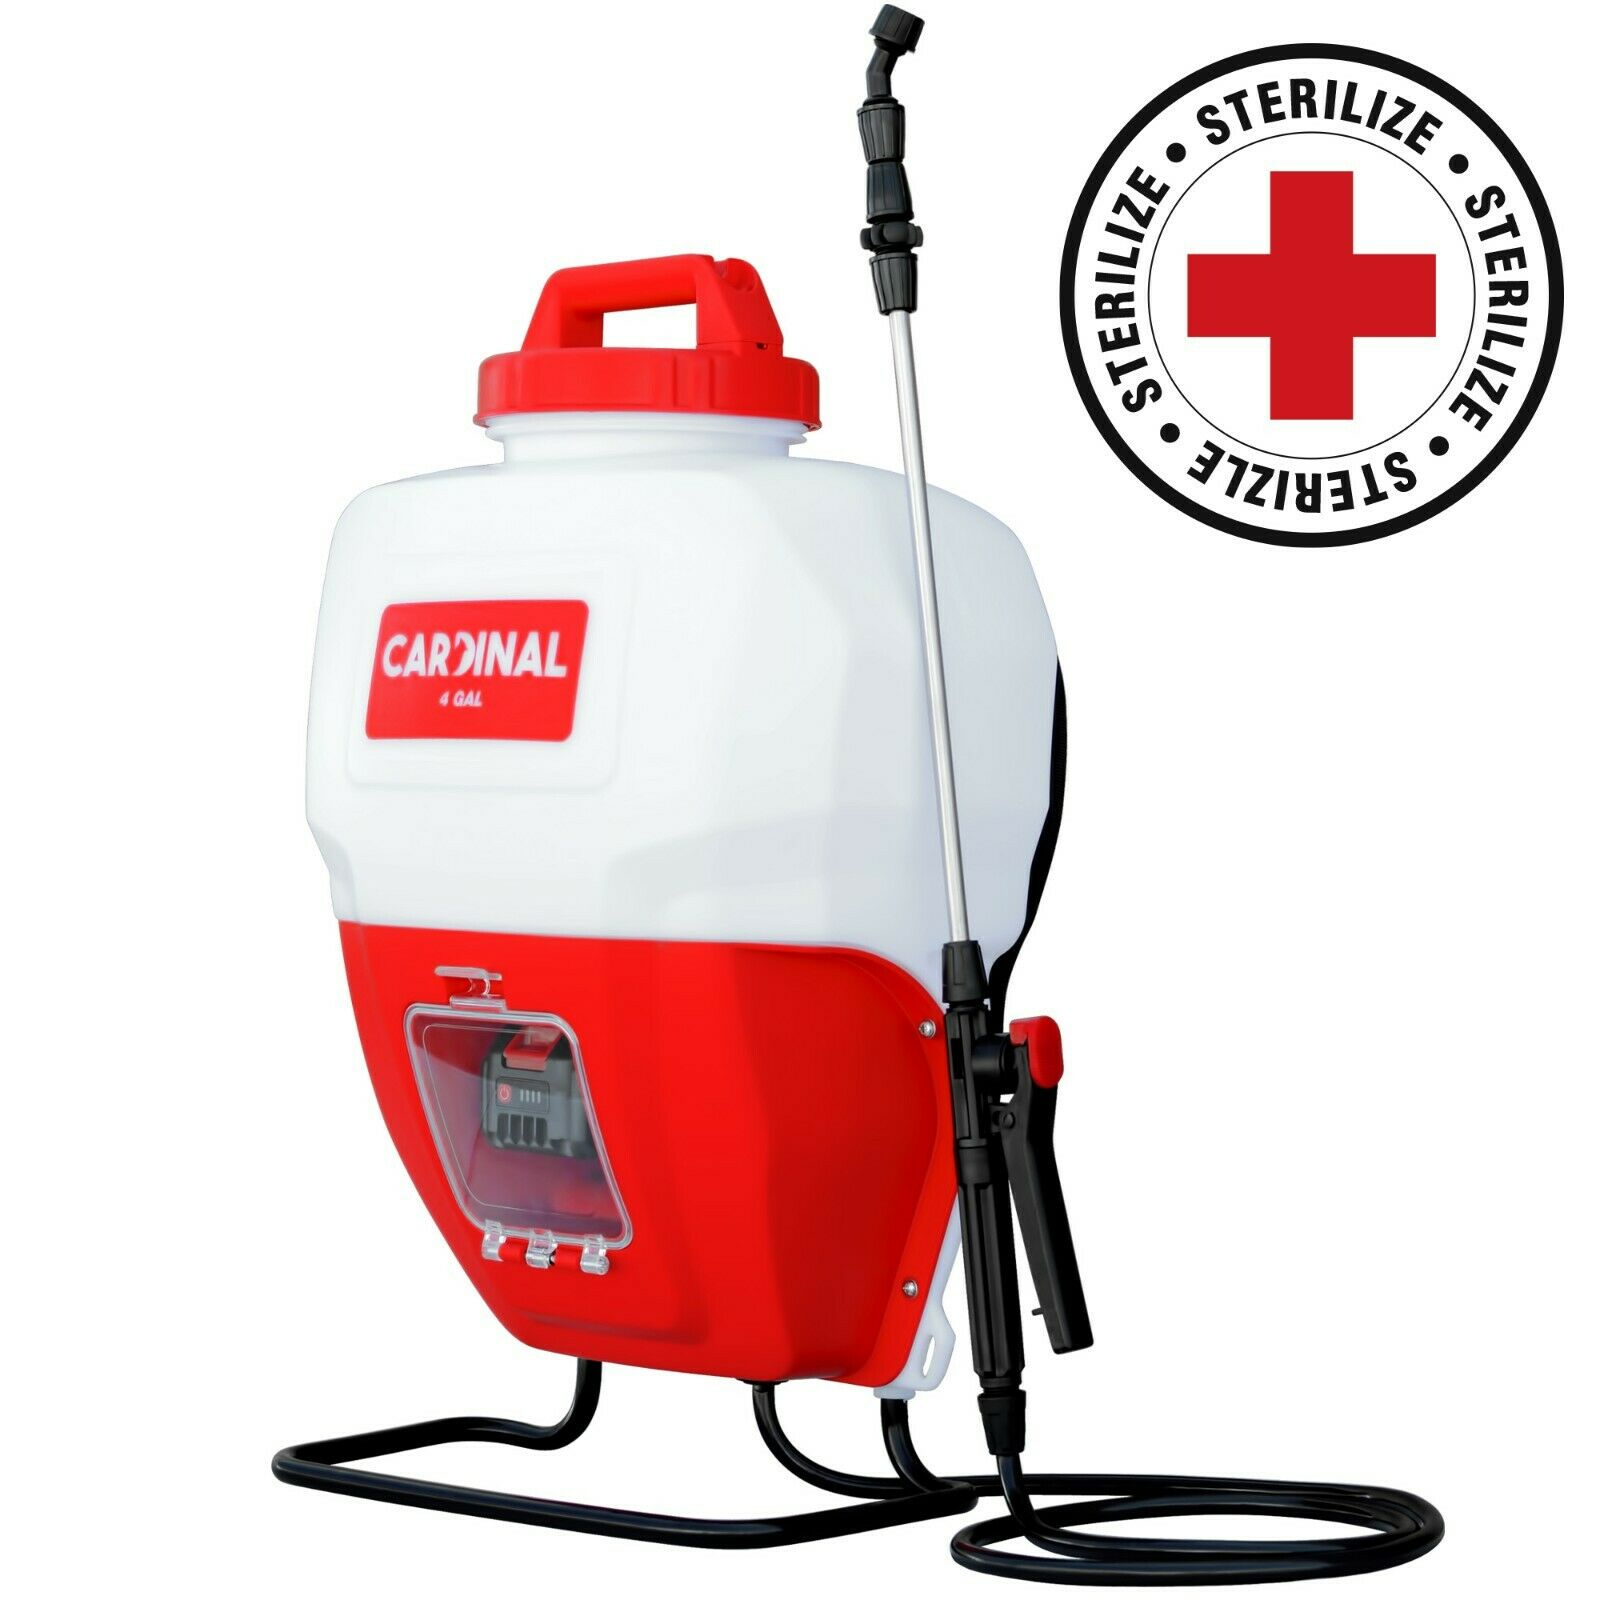 4 gallon 21v battery powered backpack sprayer